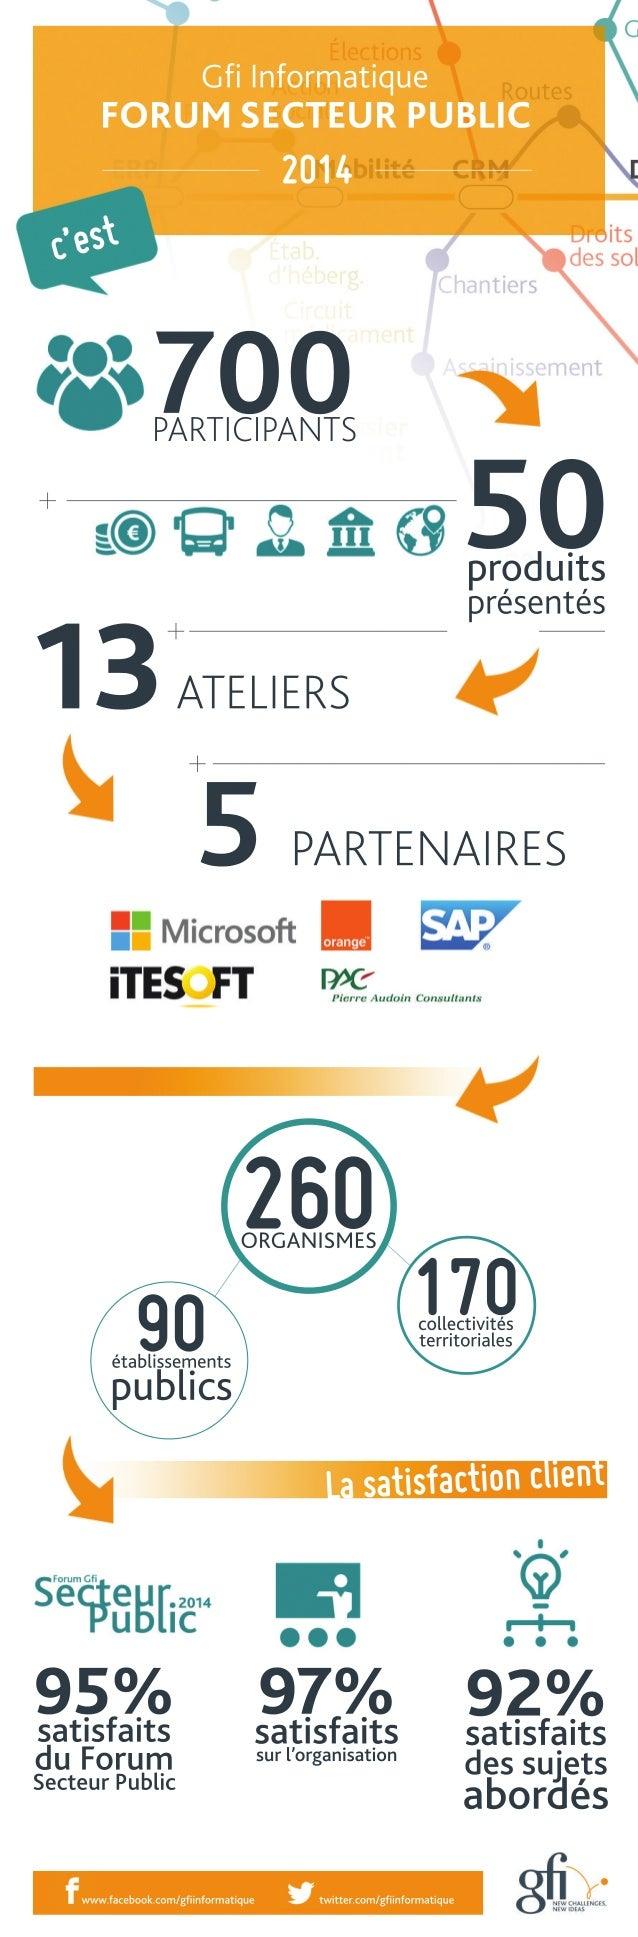 Gfi Informatique  FORUM SECTEUR PUBLIC  2014  c'est  700 PARTICIPANTS 50 produits  présentés 13 ATELIERS  260 ORGANISMES  ...